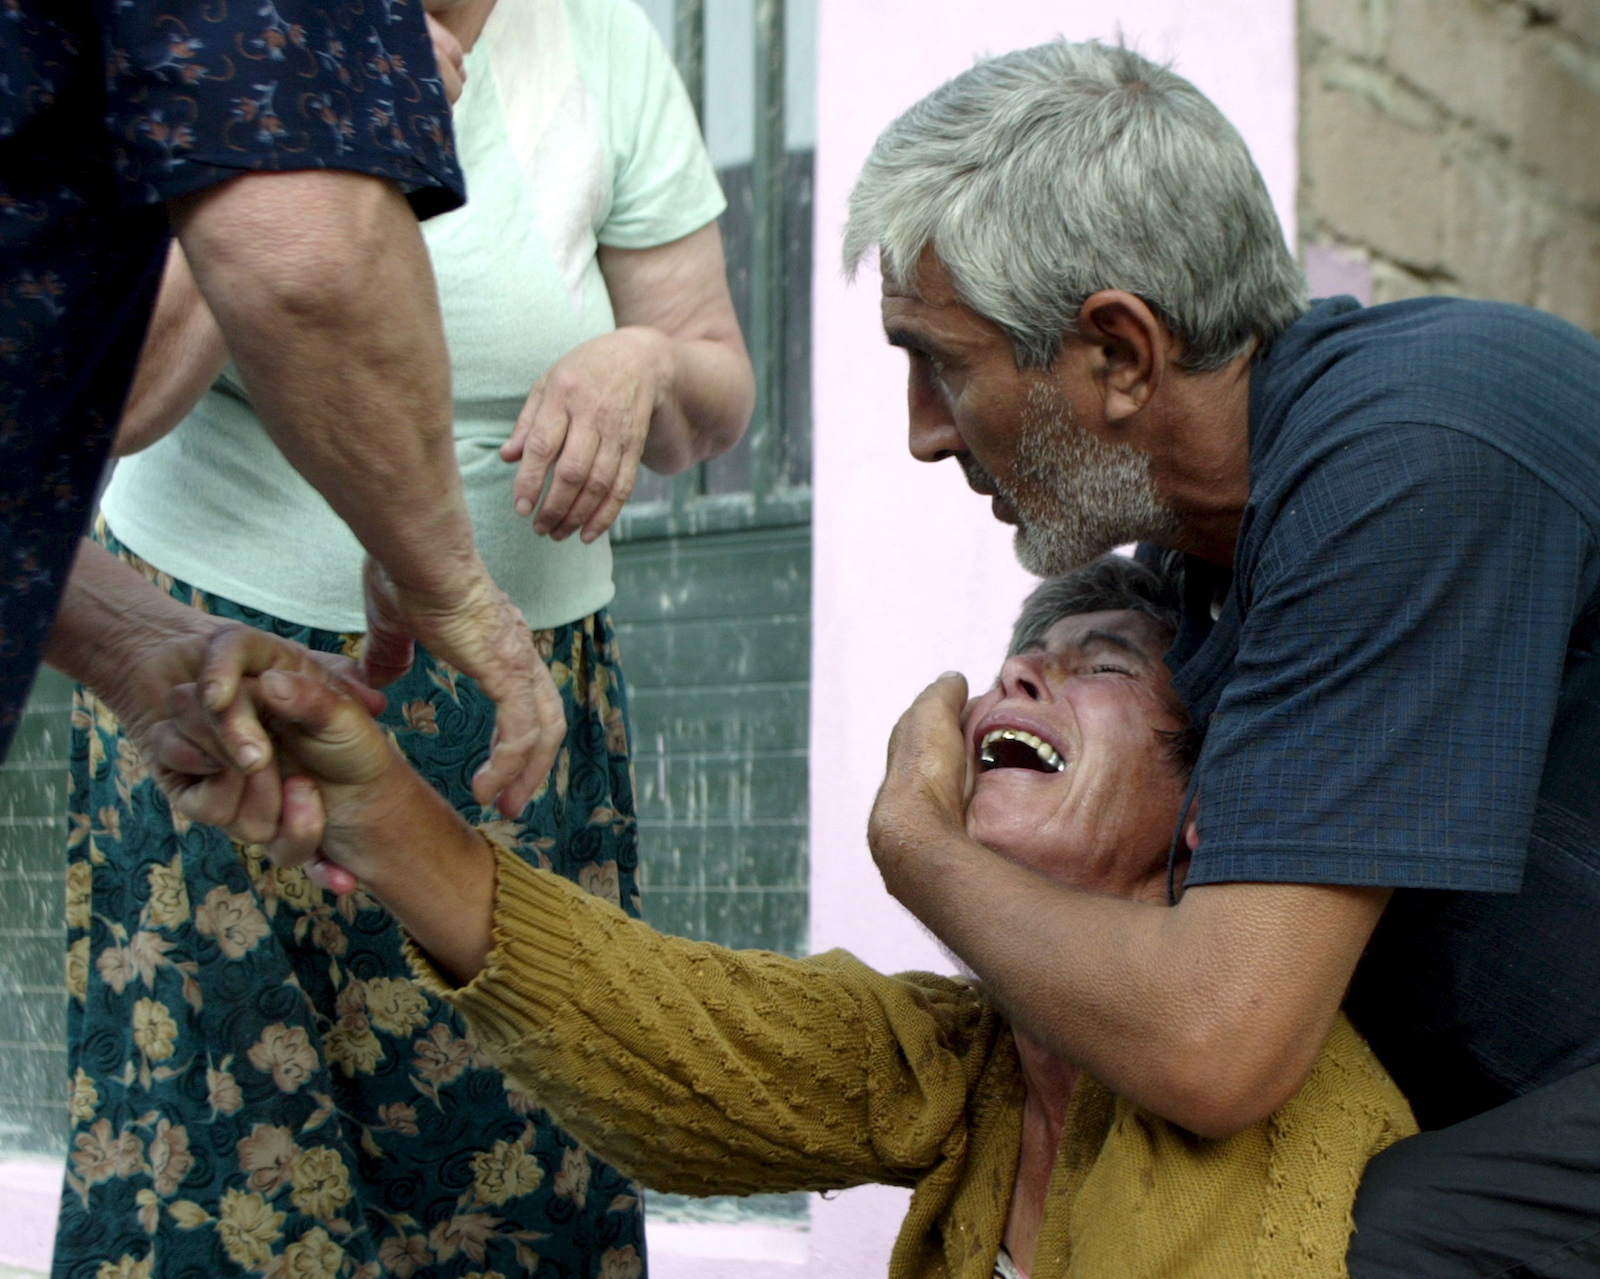 გორელი ქალი ტირის მას შემდეგ რაც შეიტყო შვილის გარდაცვალების შესახებ © EPA/ZURAB KURTSIKIDZE